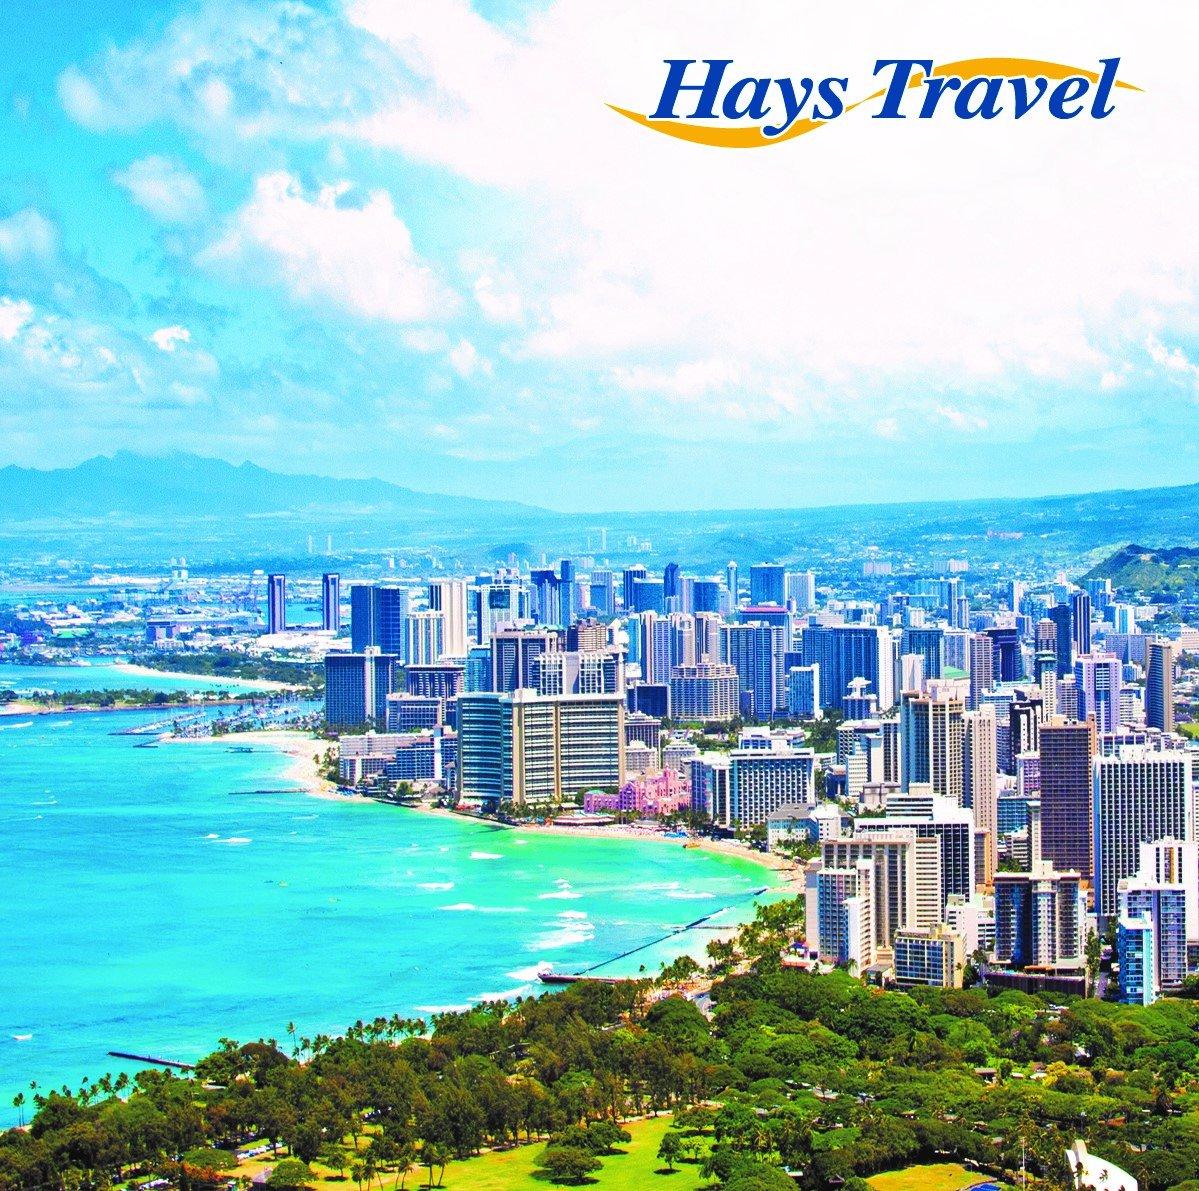 hays travel - photo #7